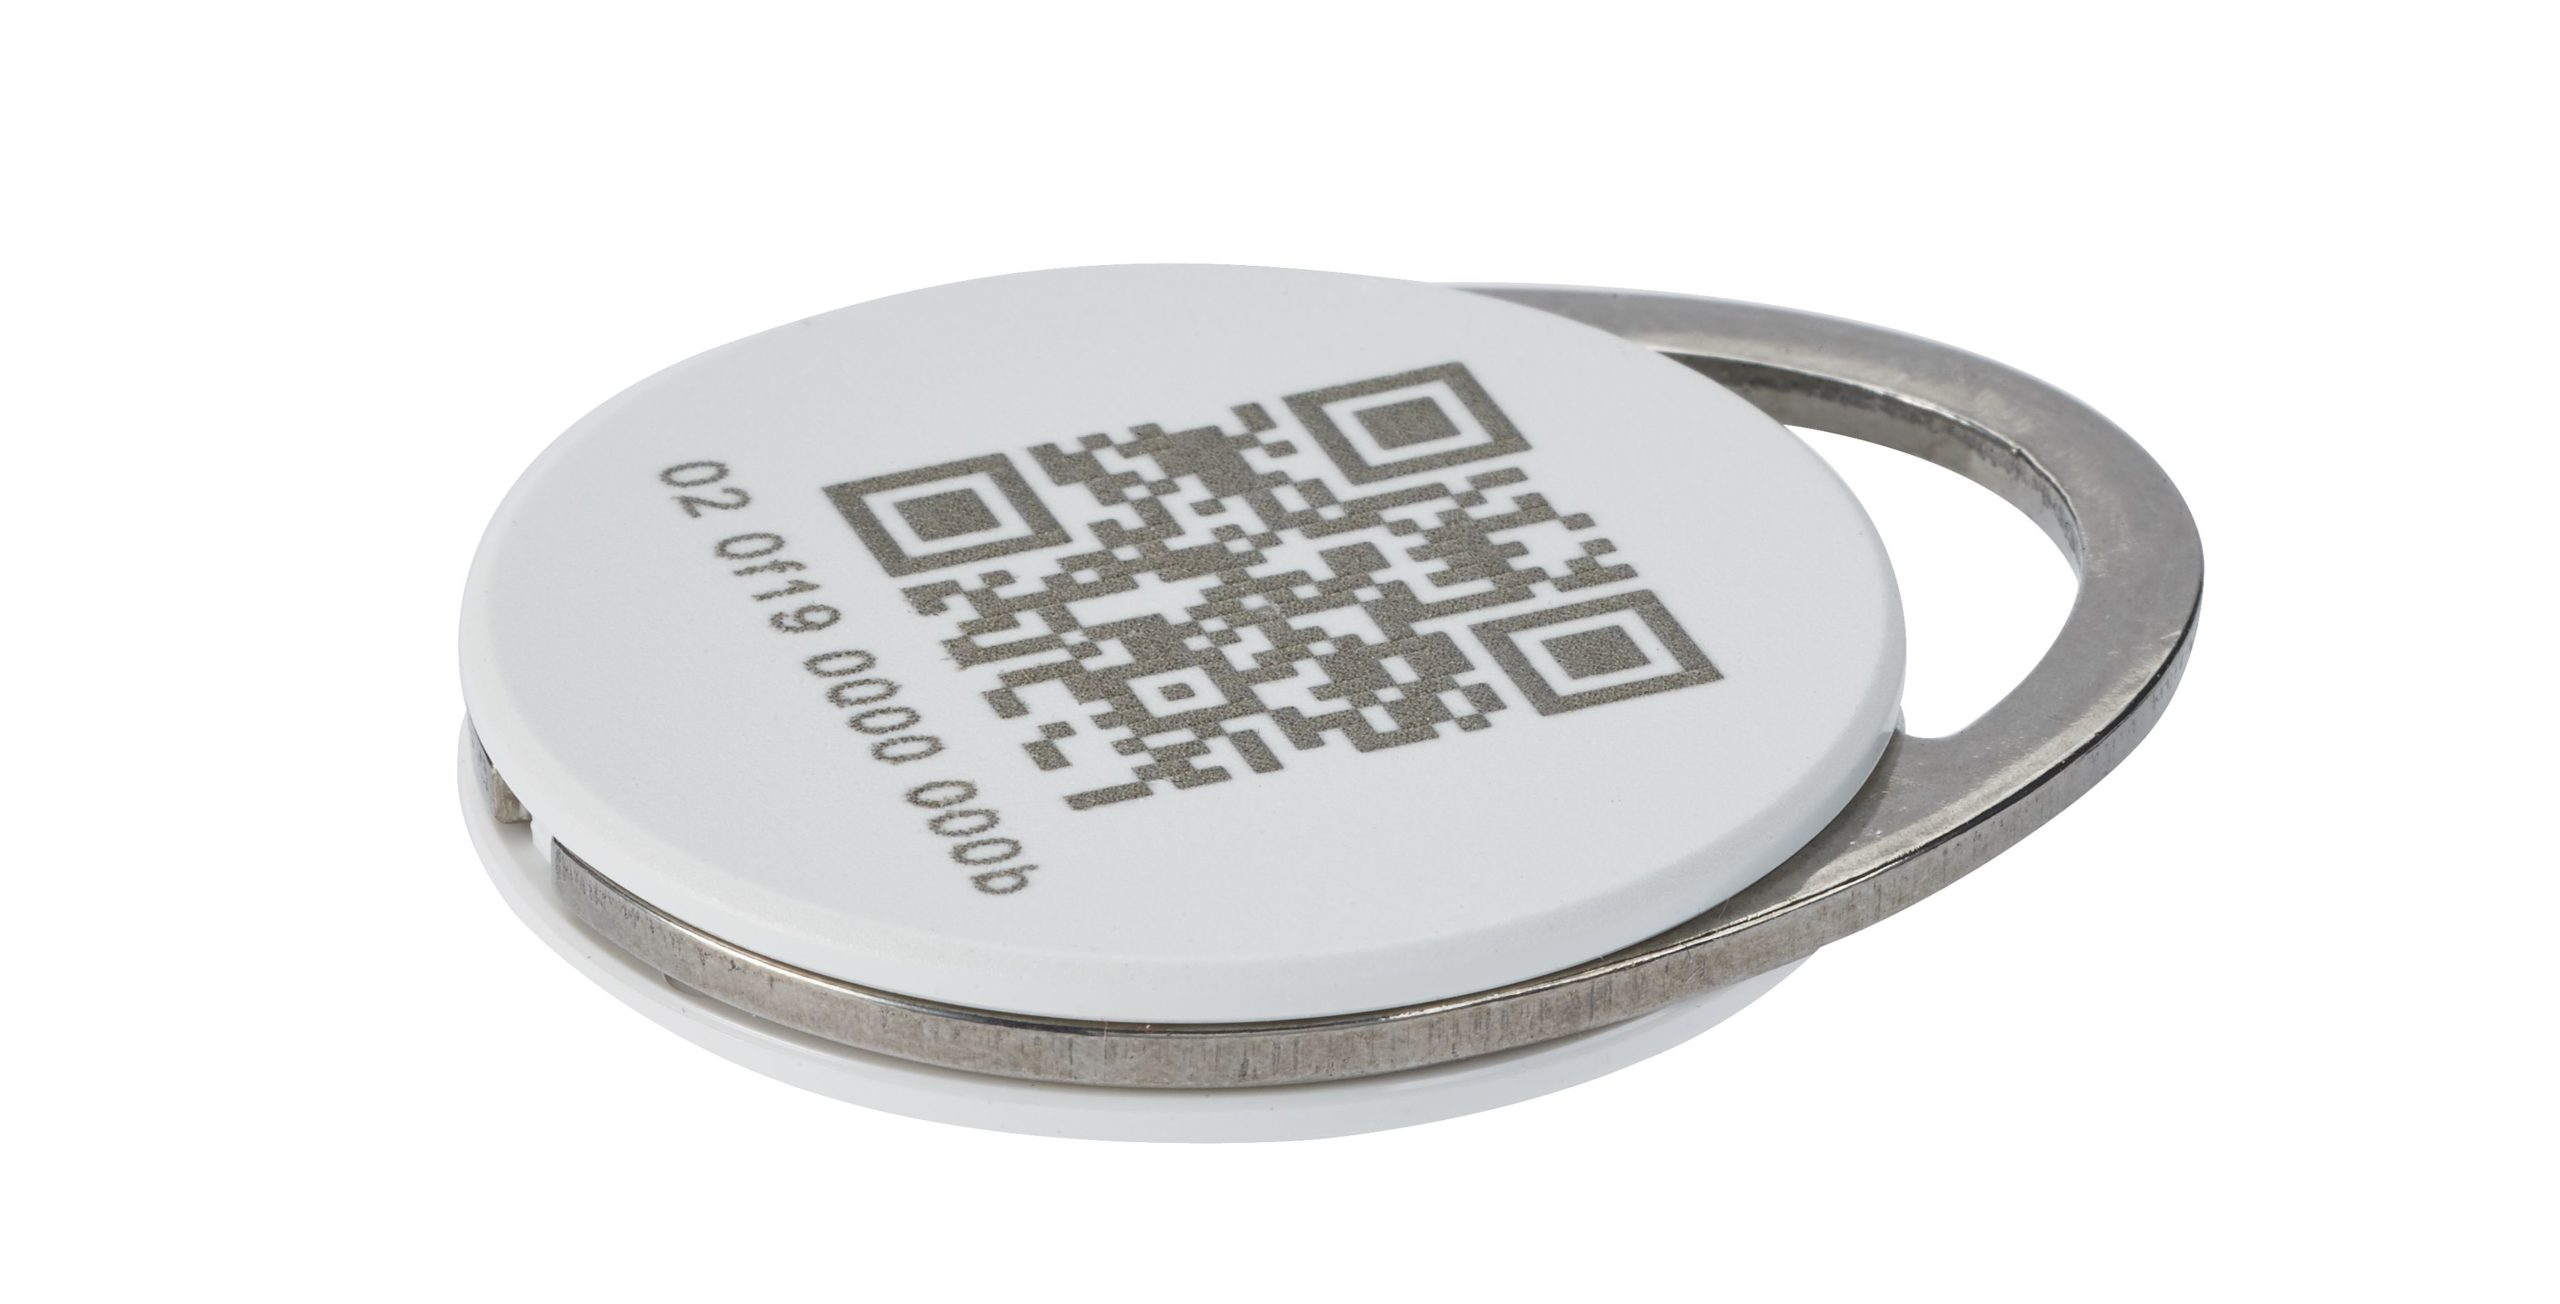 Du kan også bruge en chip til at låse dit nye cleverpro låsesytem